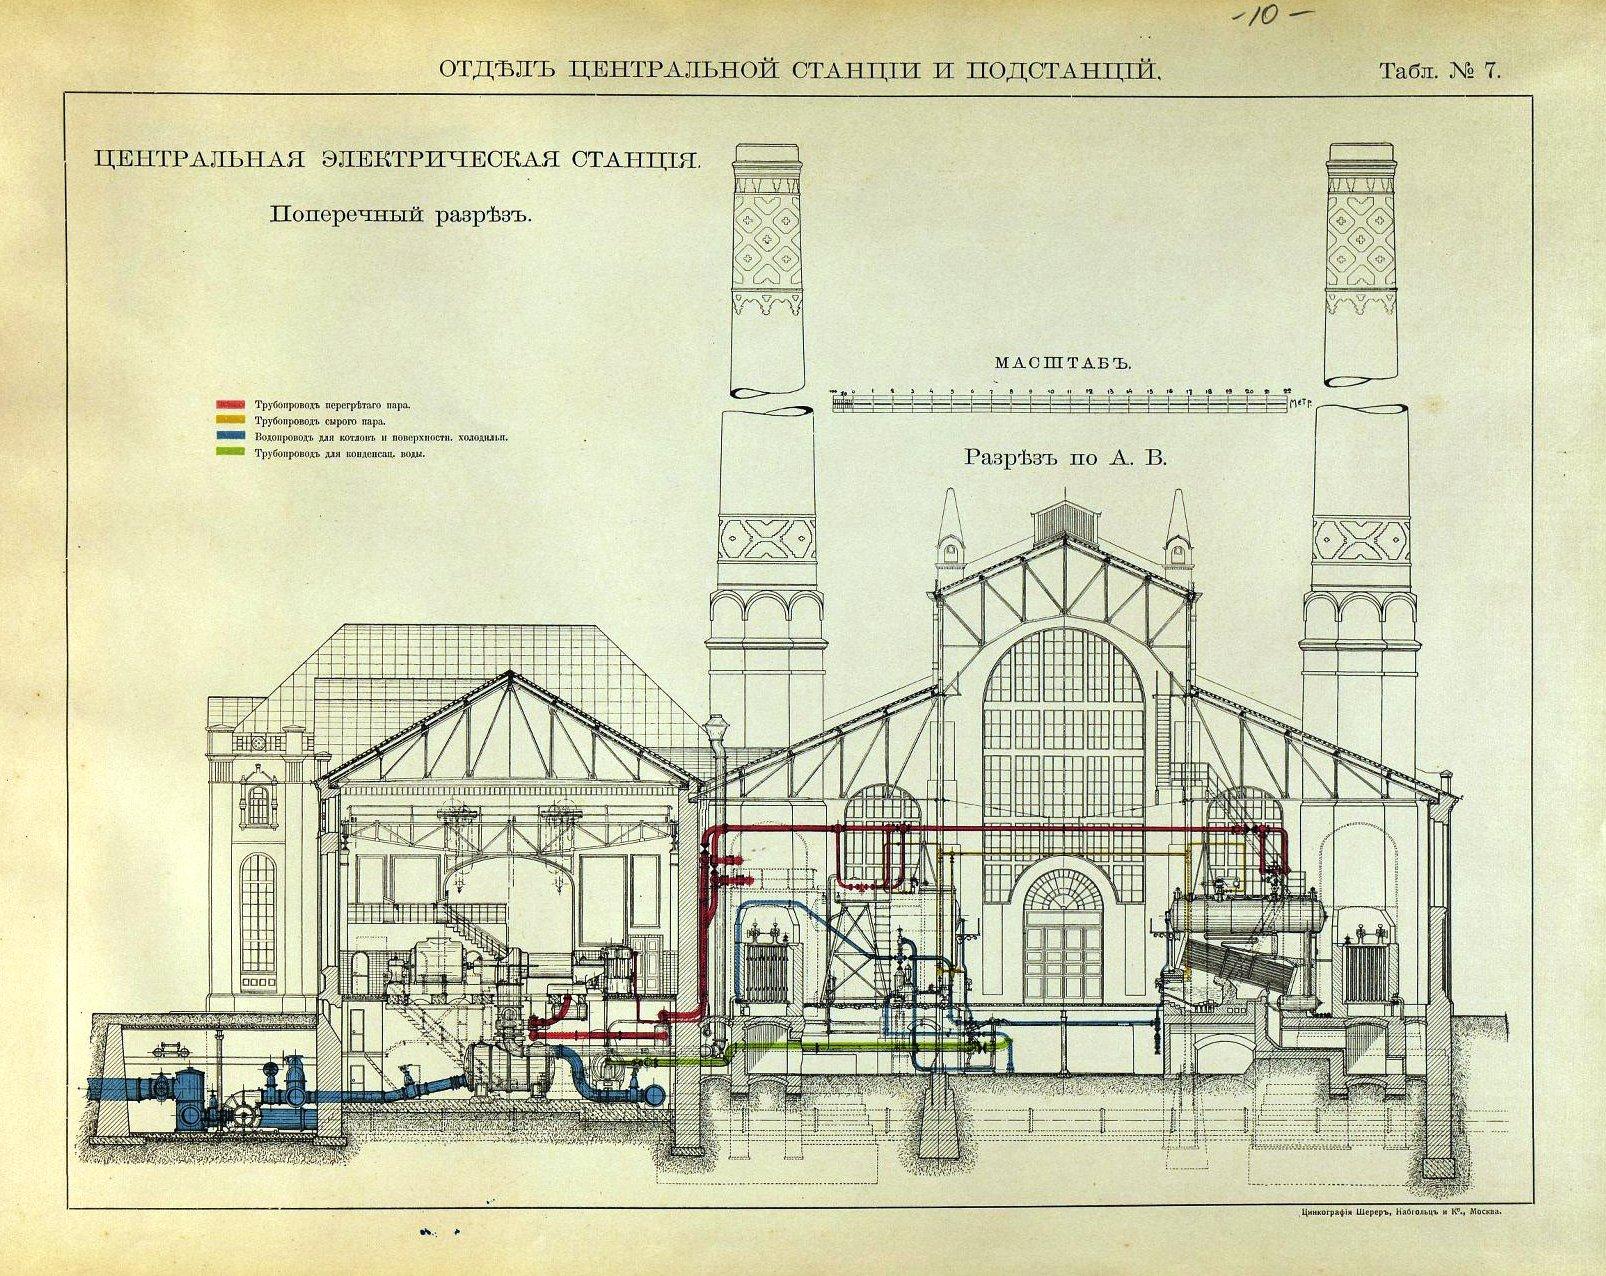 10. Центральная электрическая станция. Поперечный разрез